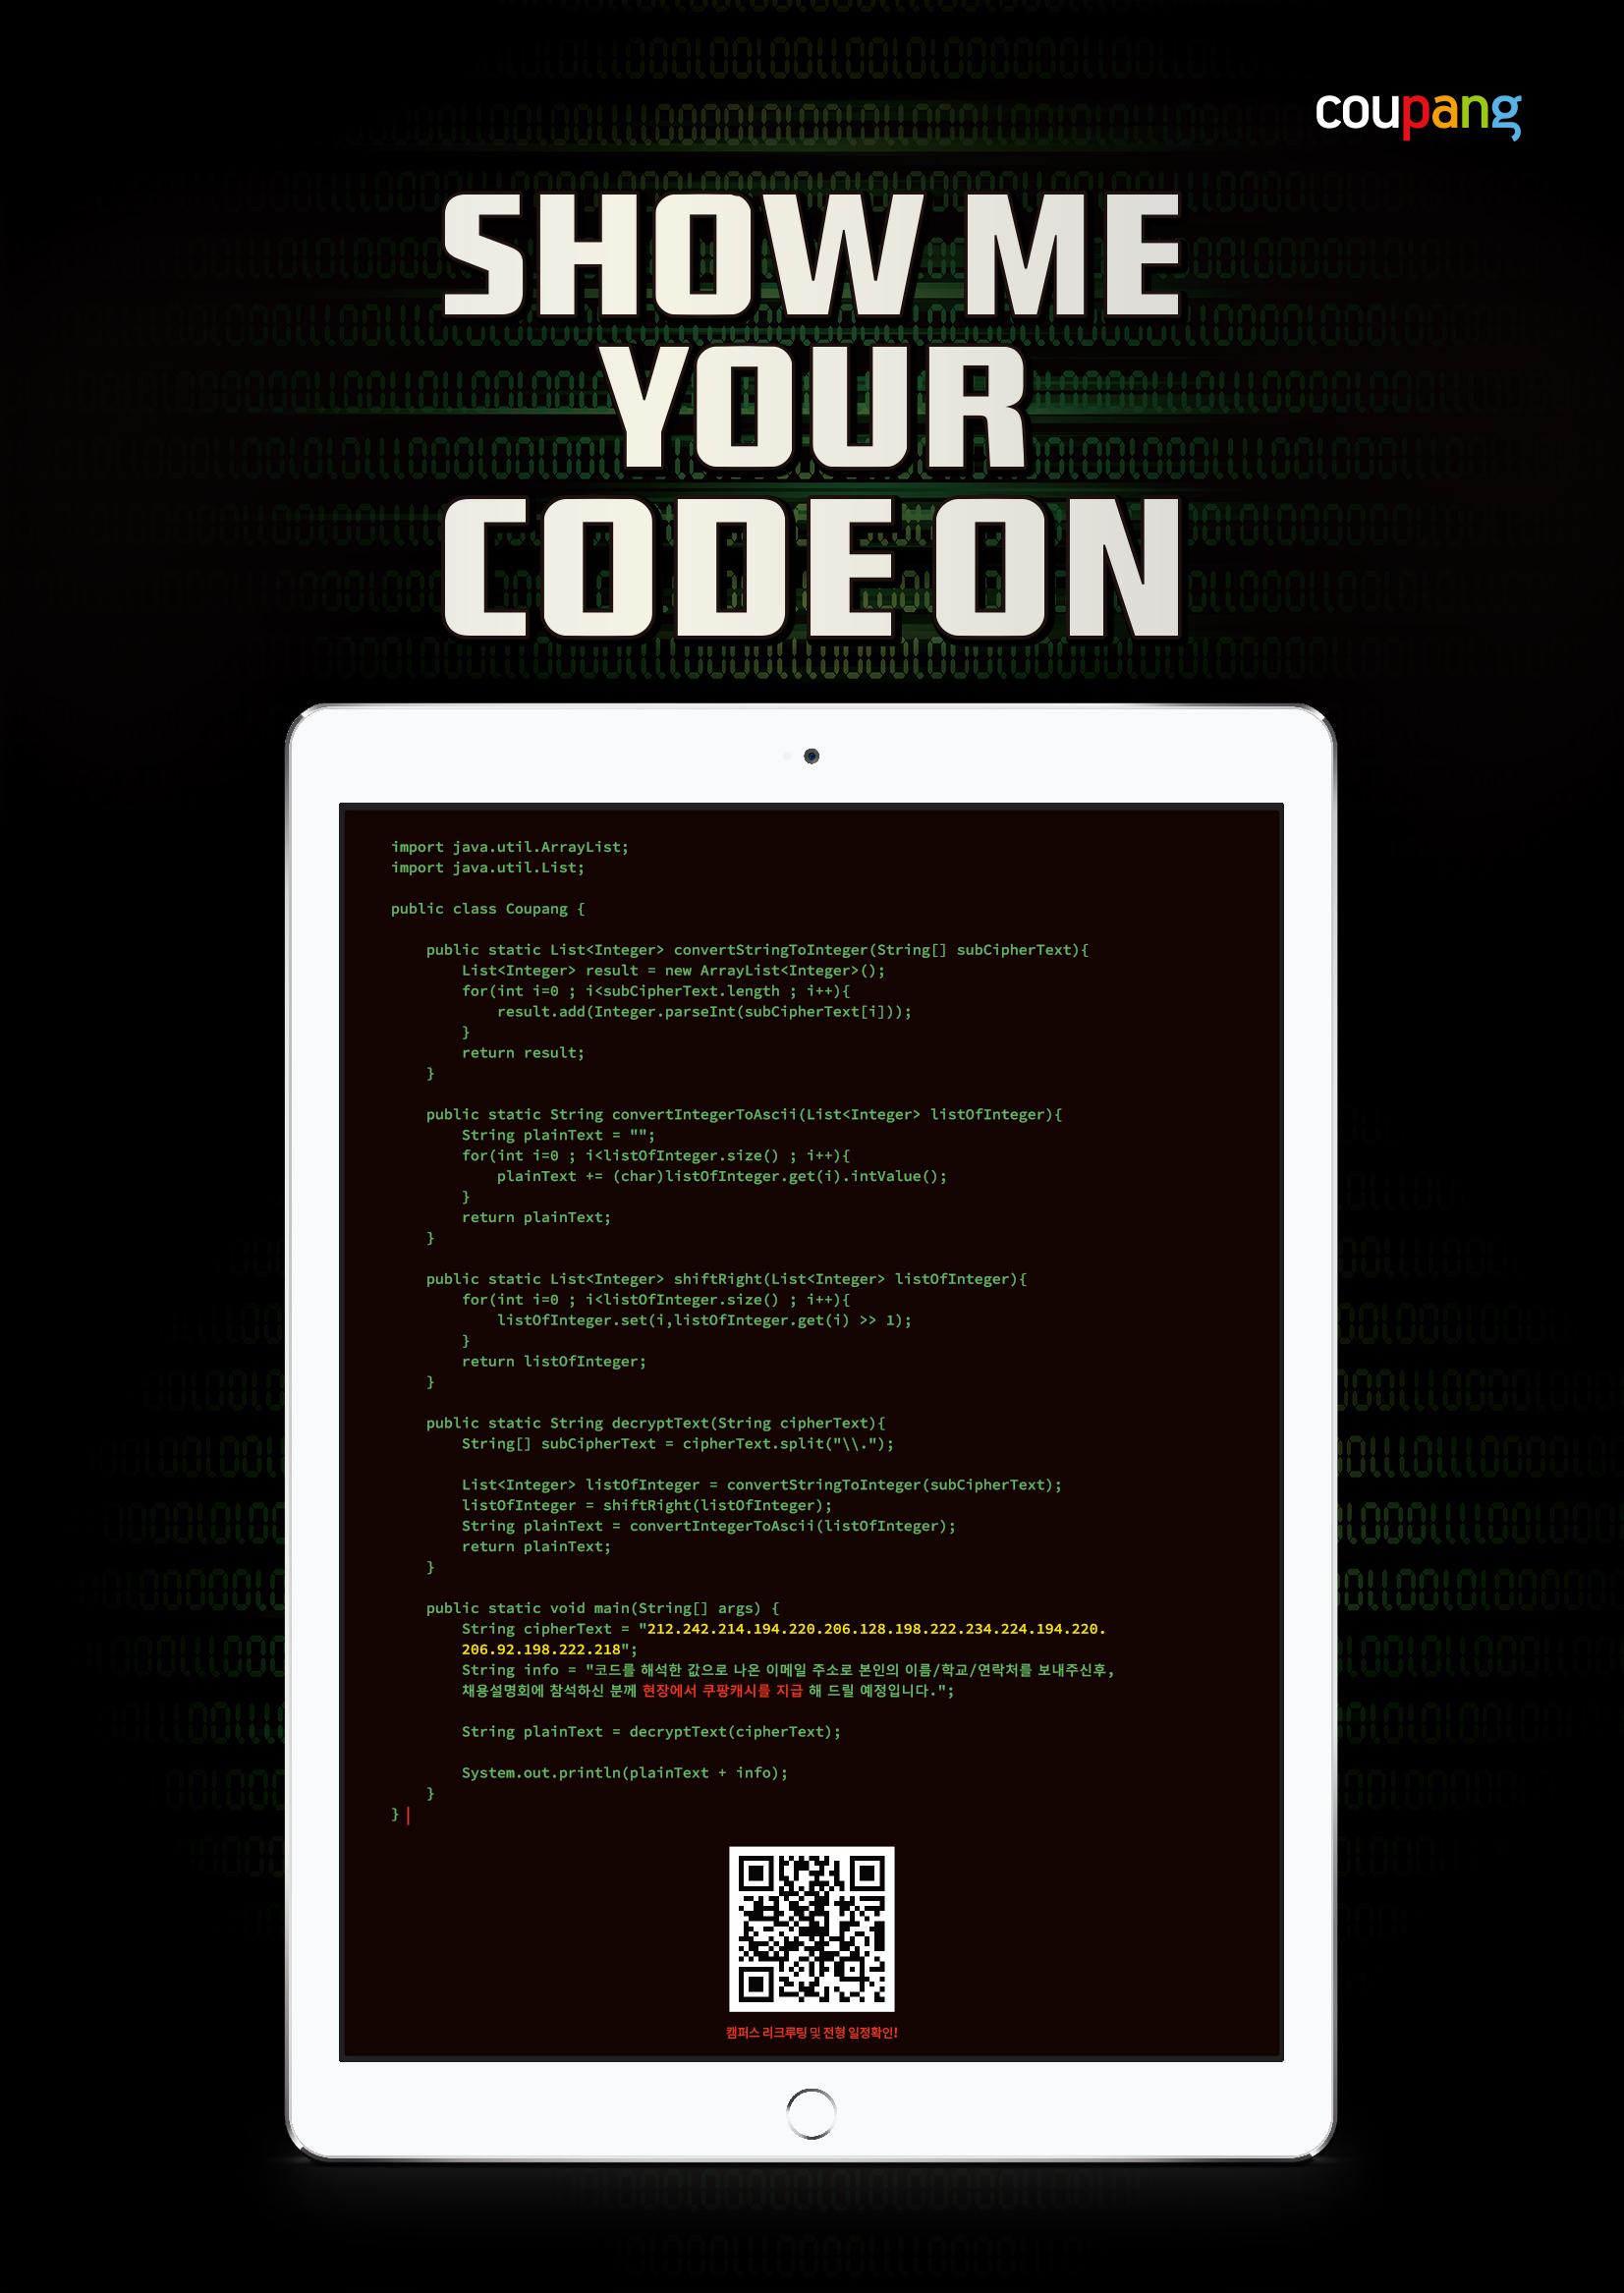 [쿠팡] 2016년 상반기 신입 개발자 채용 포스터 B.jpg